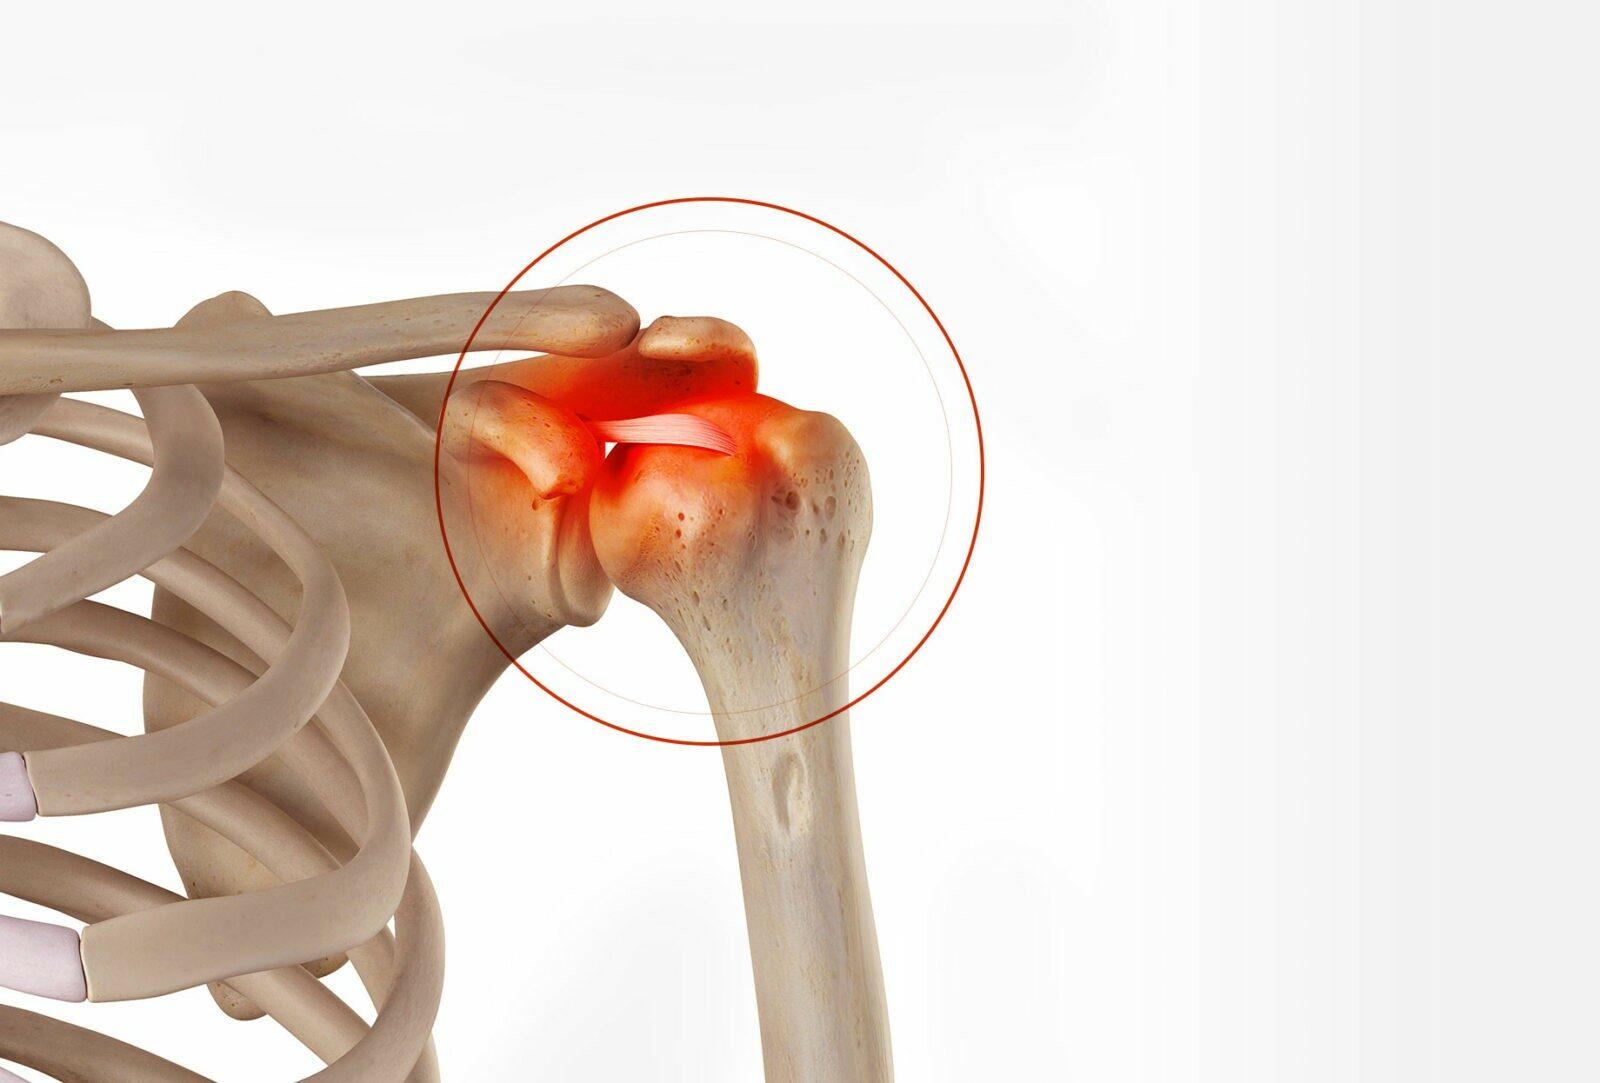 Chirurgie de l'épaule à Paris: Stabilisation acromio-claviculaire - Dr Paillard